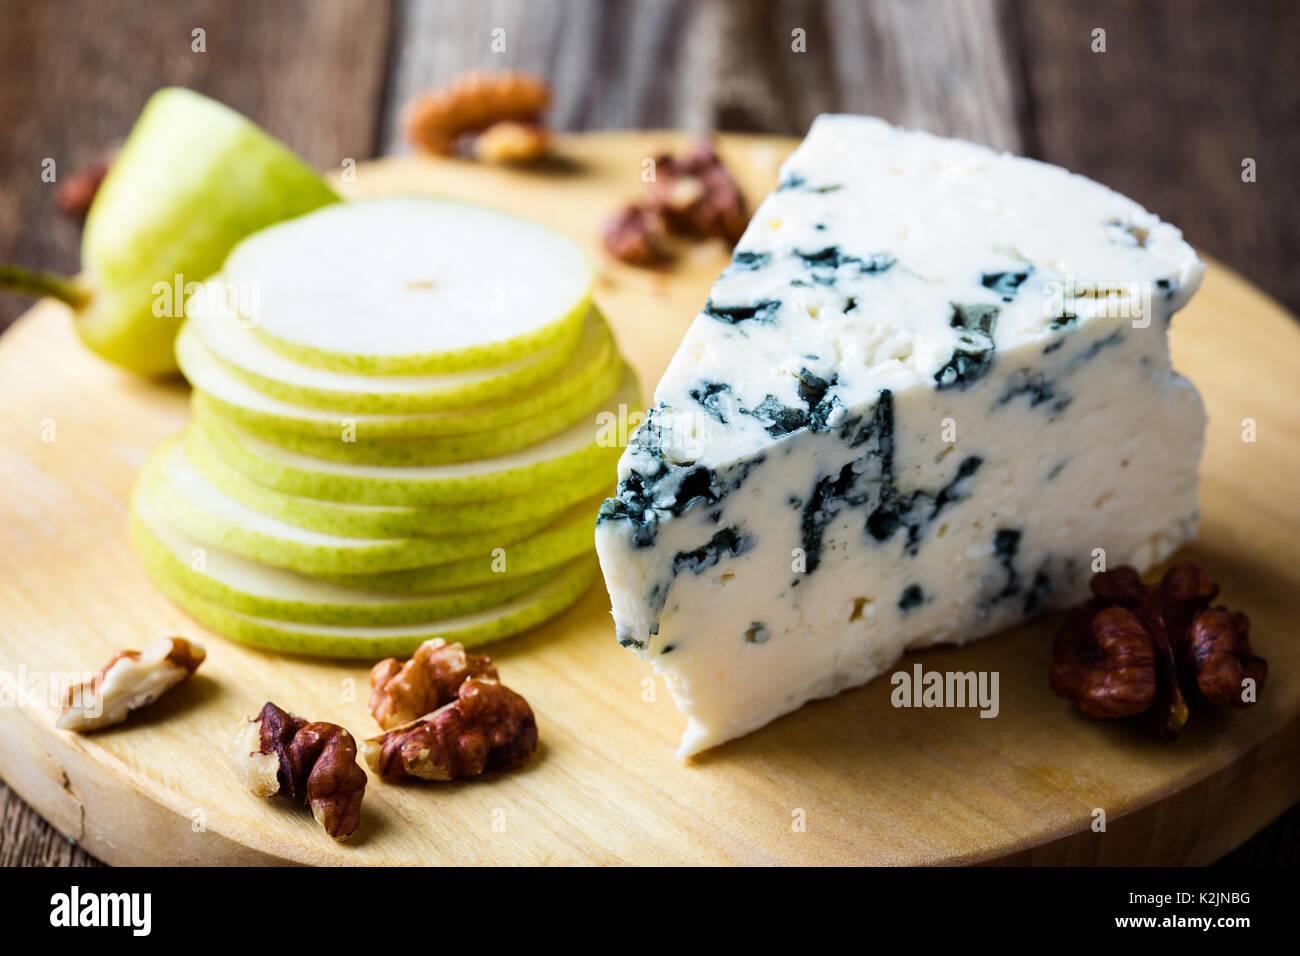 Vassoio di formaggi. Formaggio blu con pera fresco rustico di legno Immagini Stock